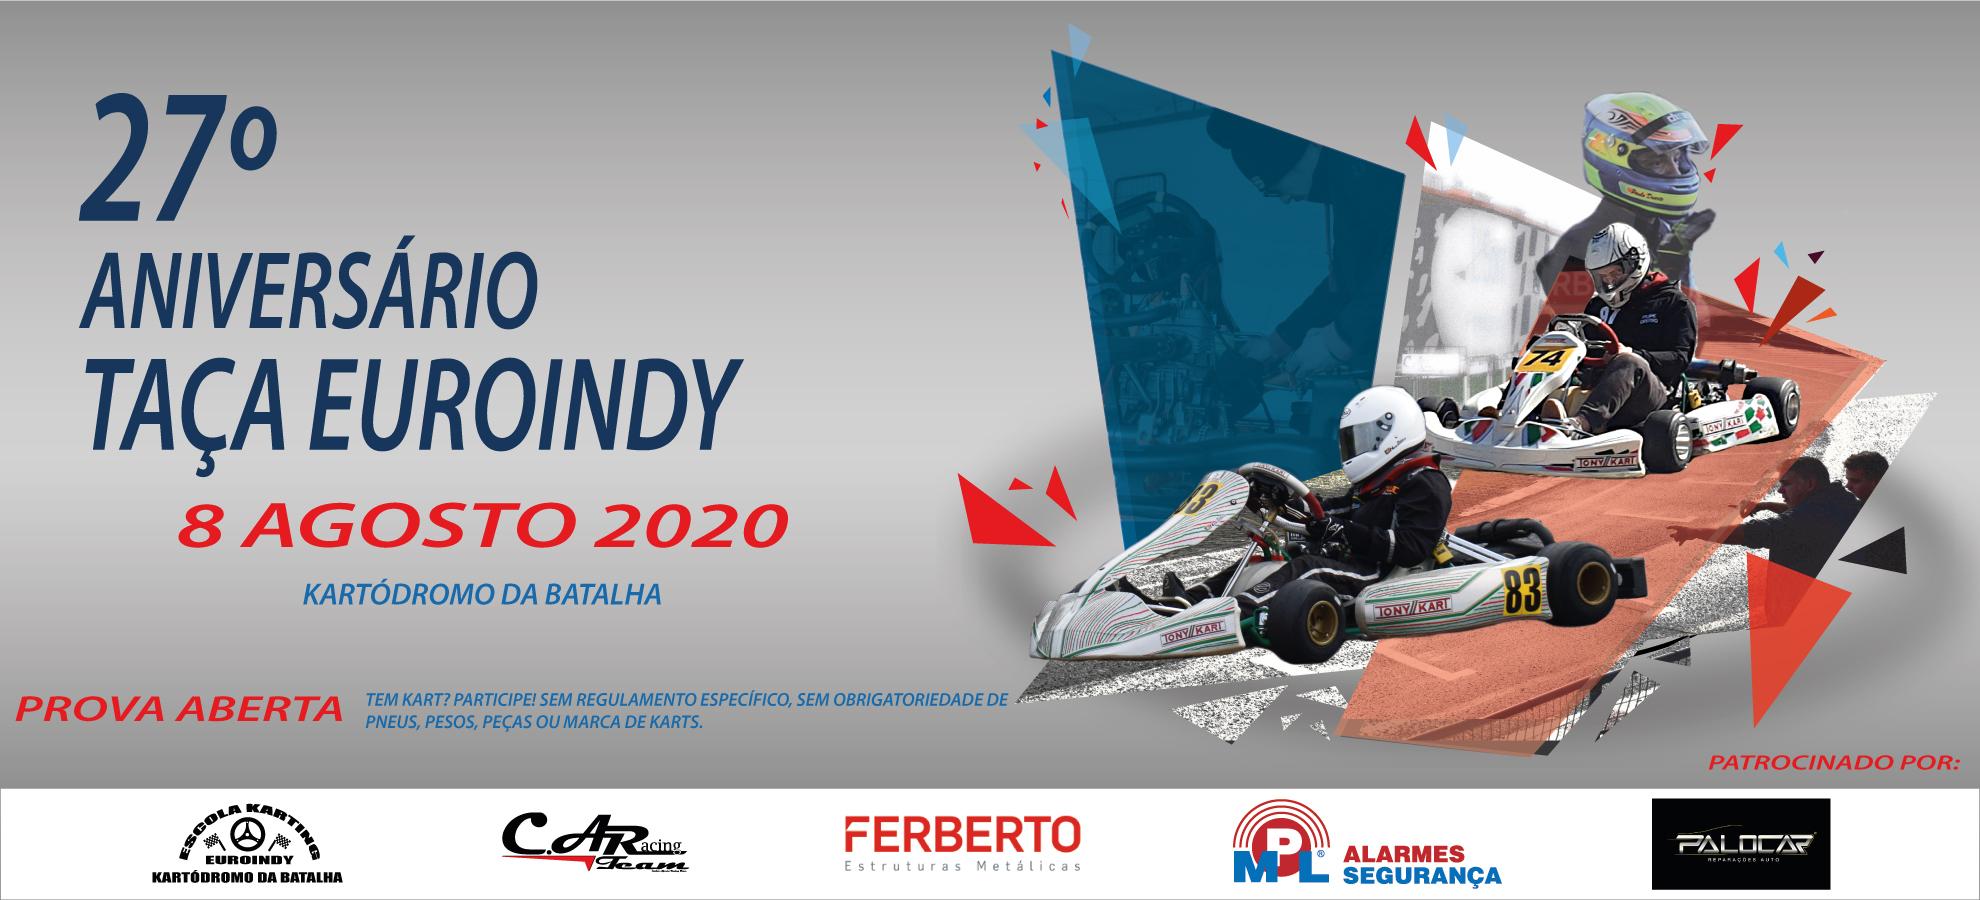 27 Aniversario Euroindy